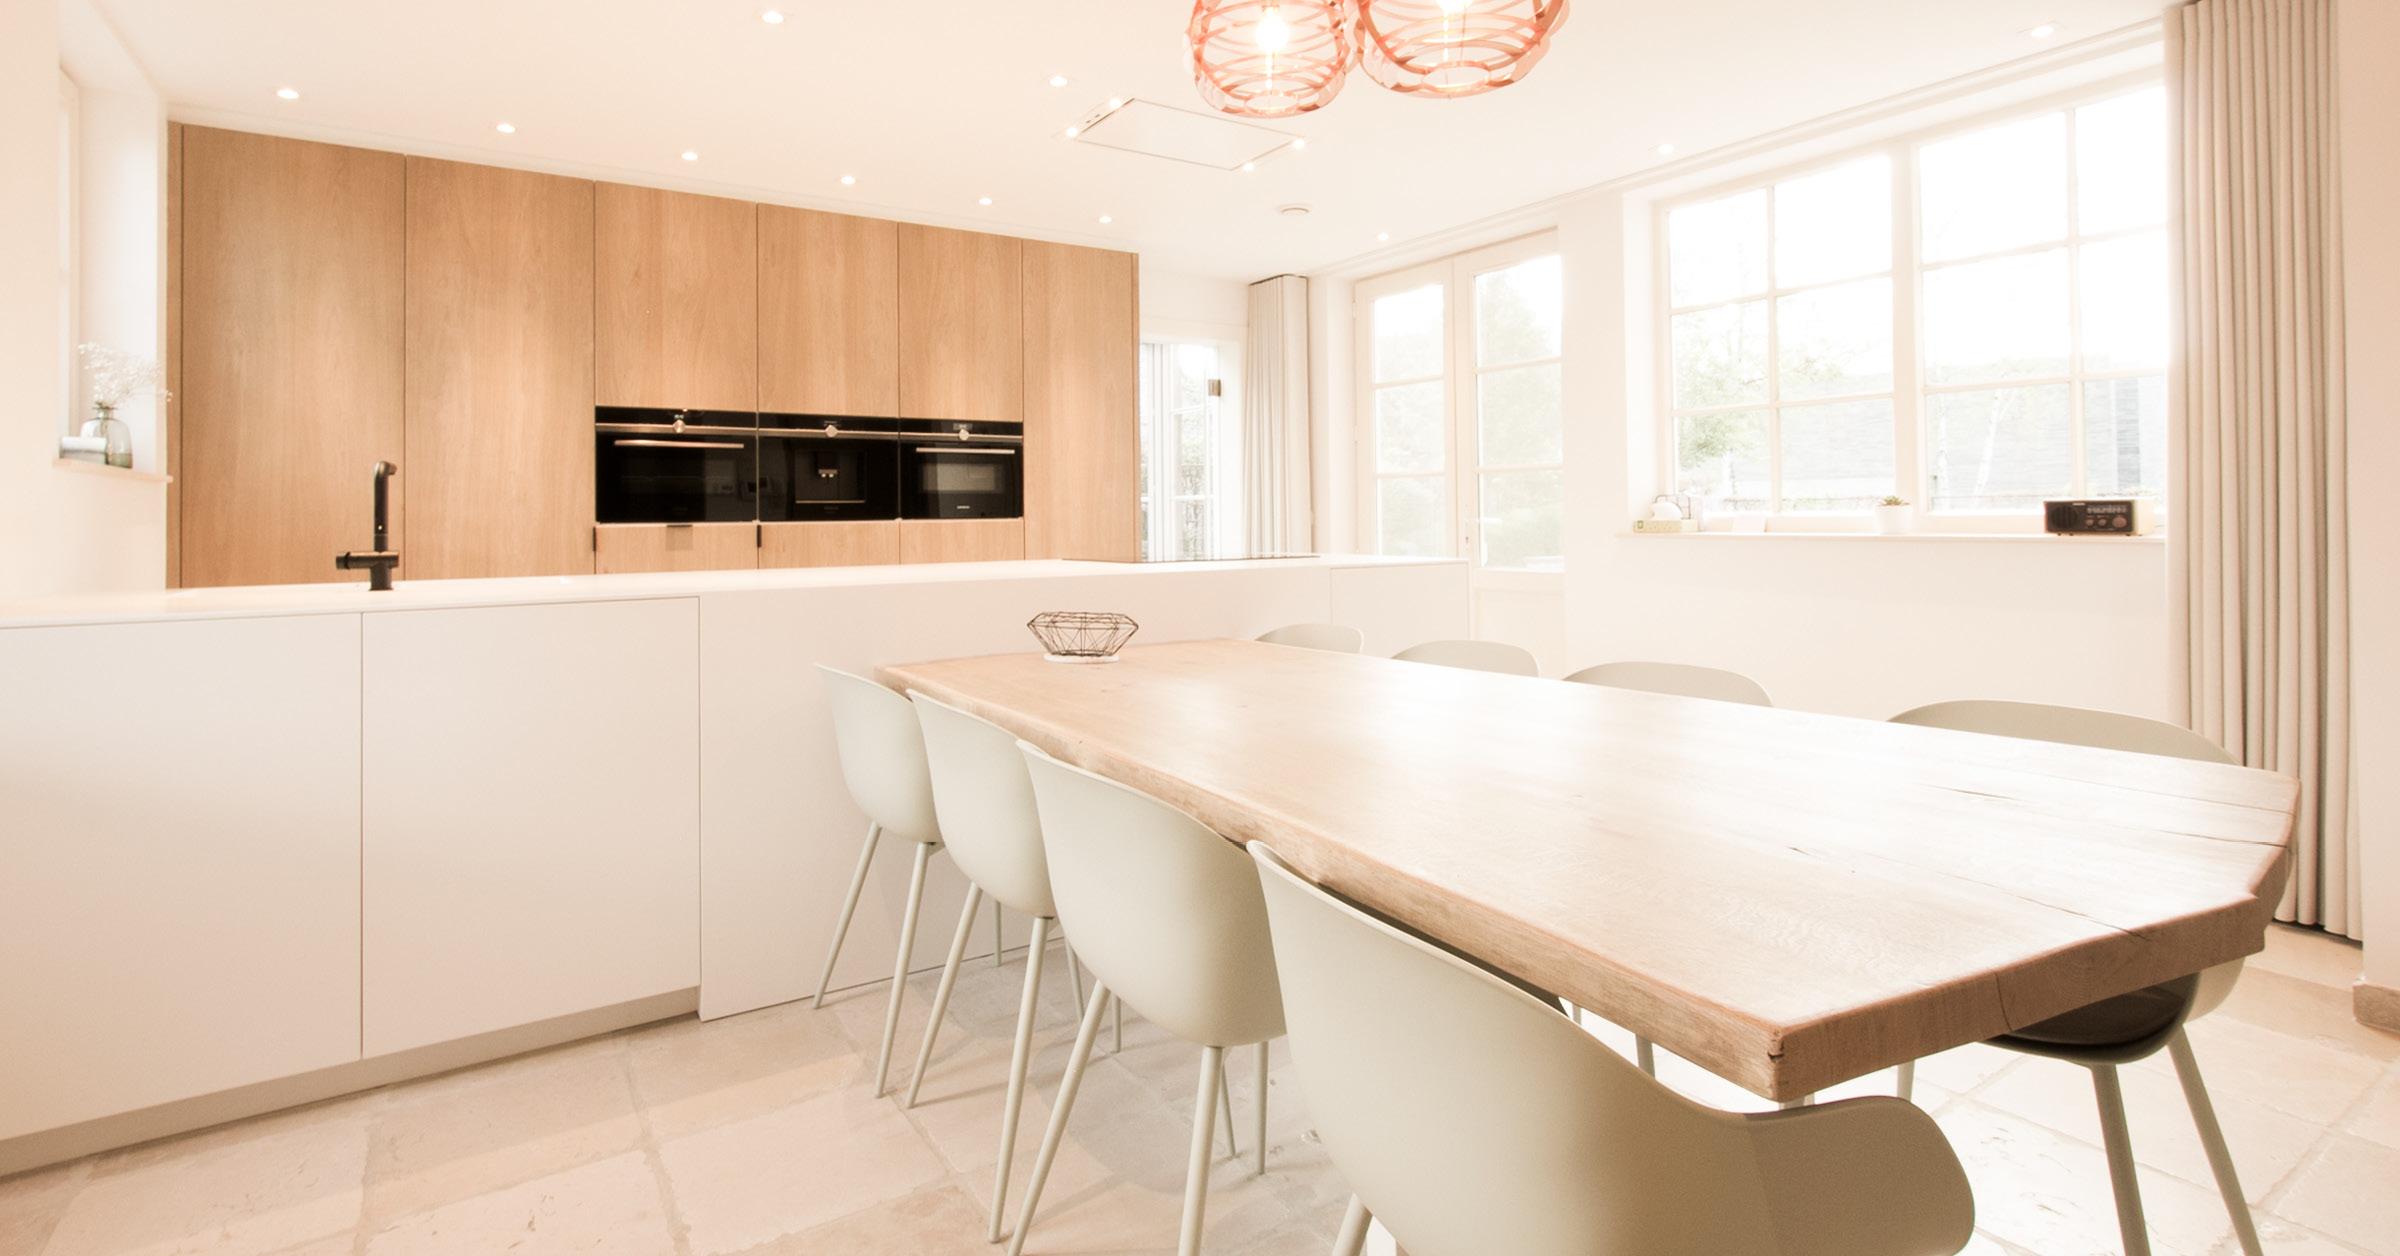 Een solid surface keuken voor de familie De Raeve-Placklé uit Zonhoven